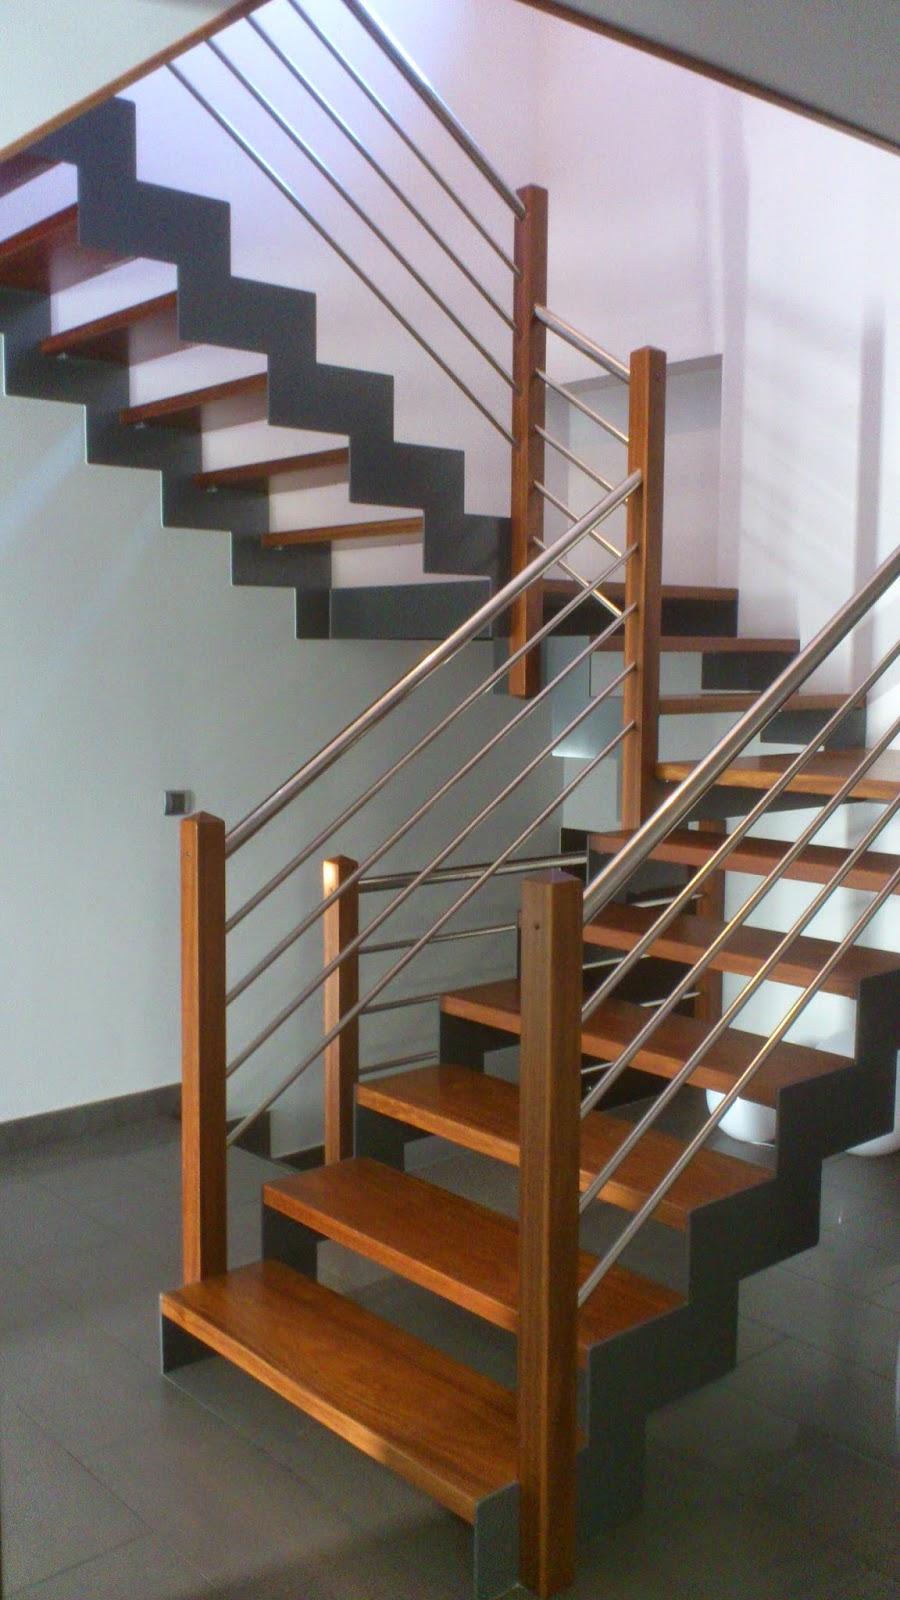 Escaleras y pasamanos escaleras de hierro madera - Escalera hierro y madera ...